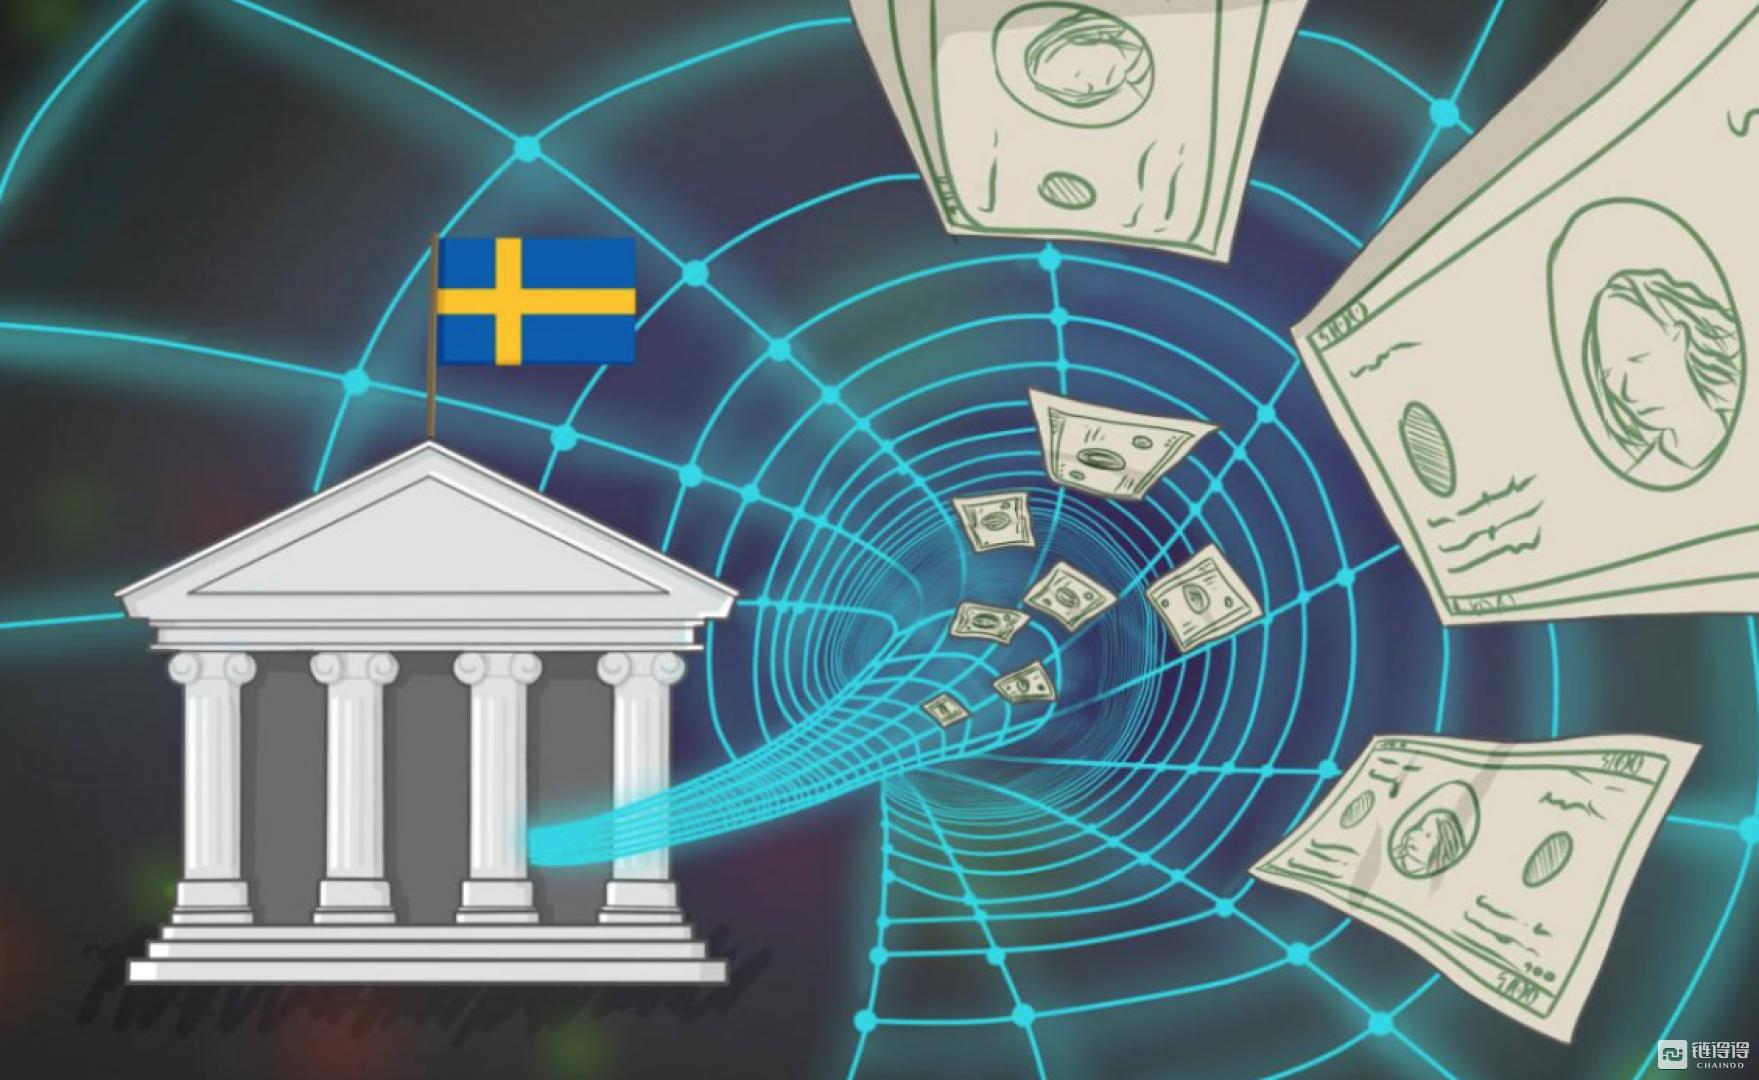 【链得得晚报】瑞典央行计划推出国家数字货币E-Krona